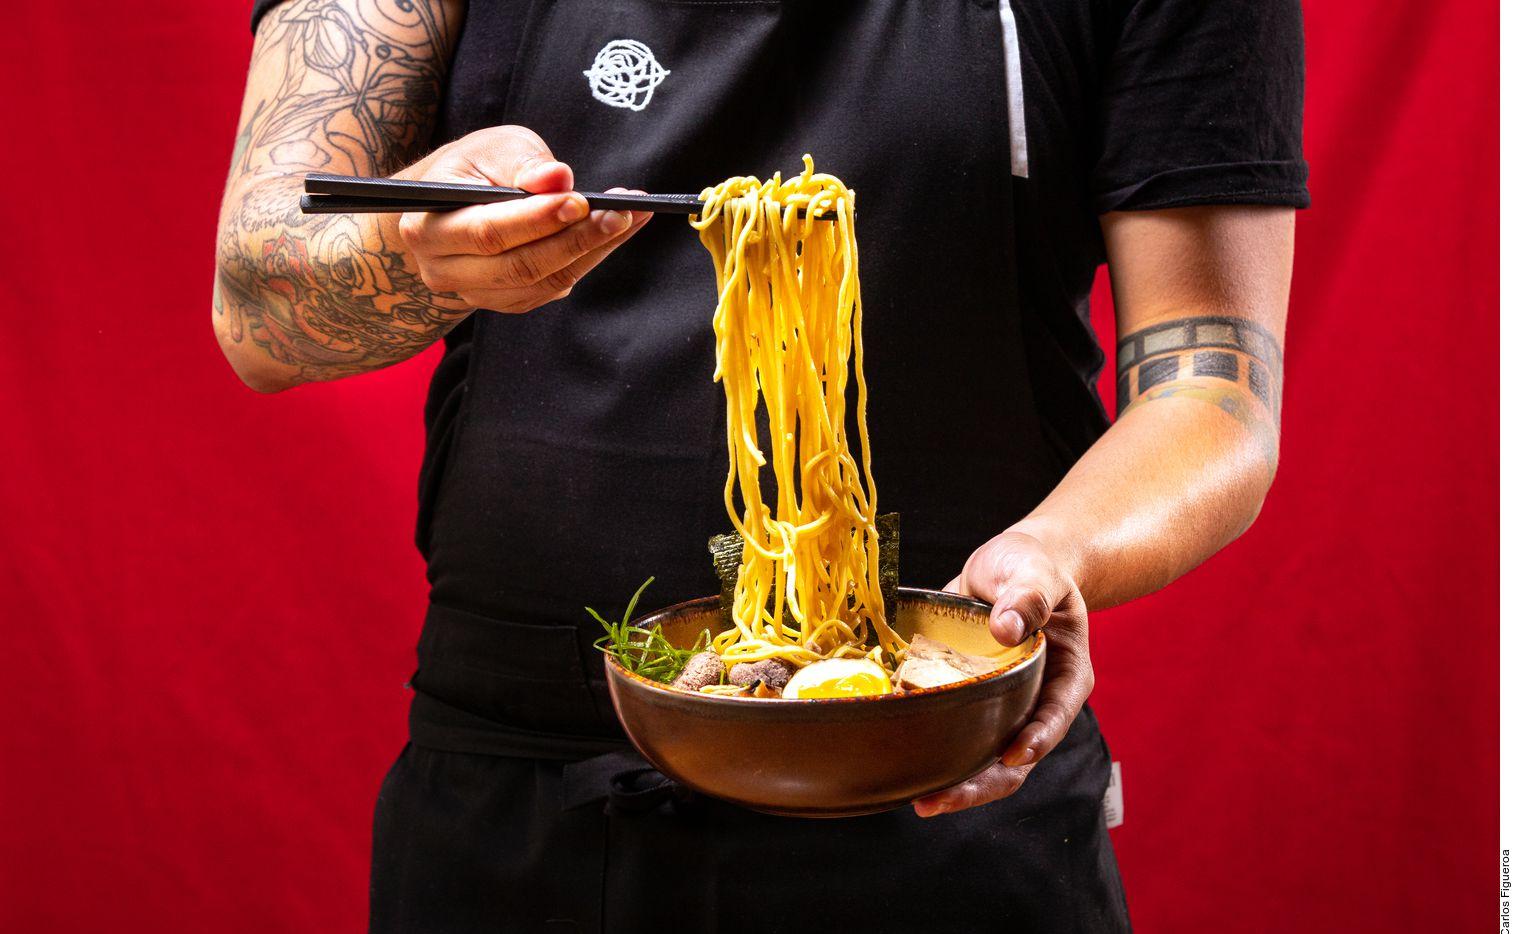 Ingredientes y formas hacen la diferencia entre los tipos de noodles.